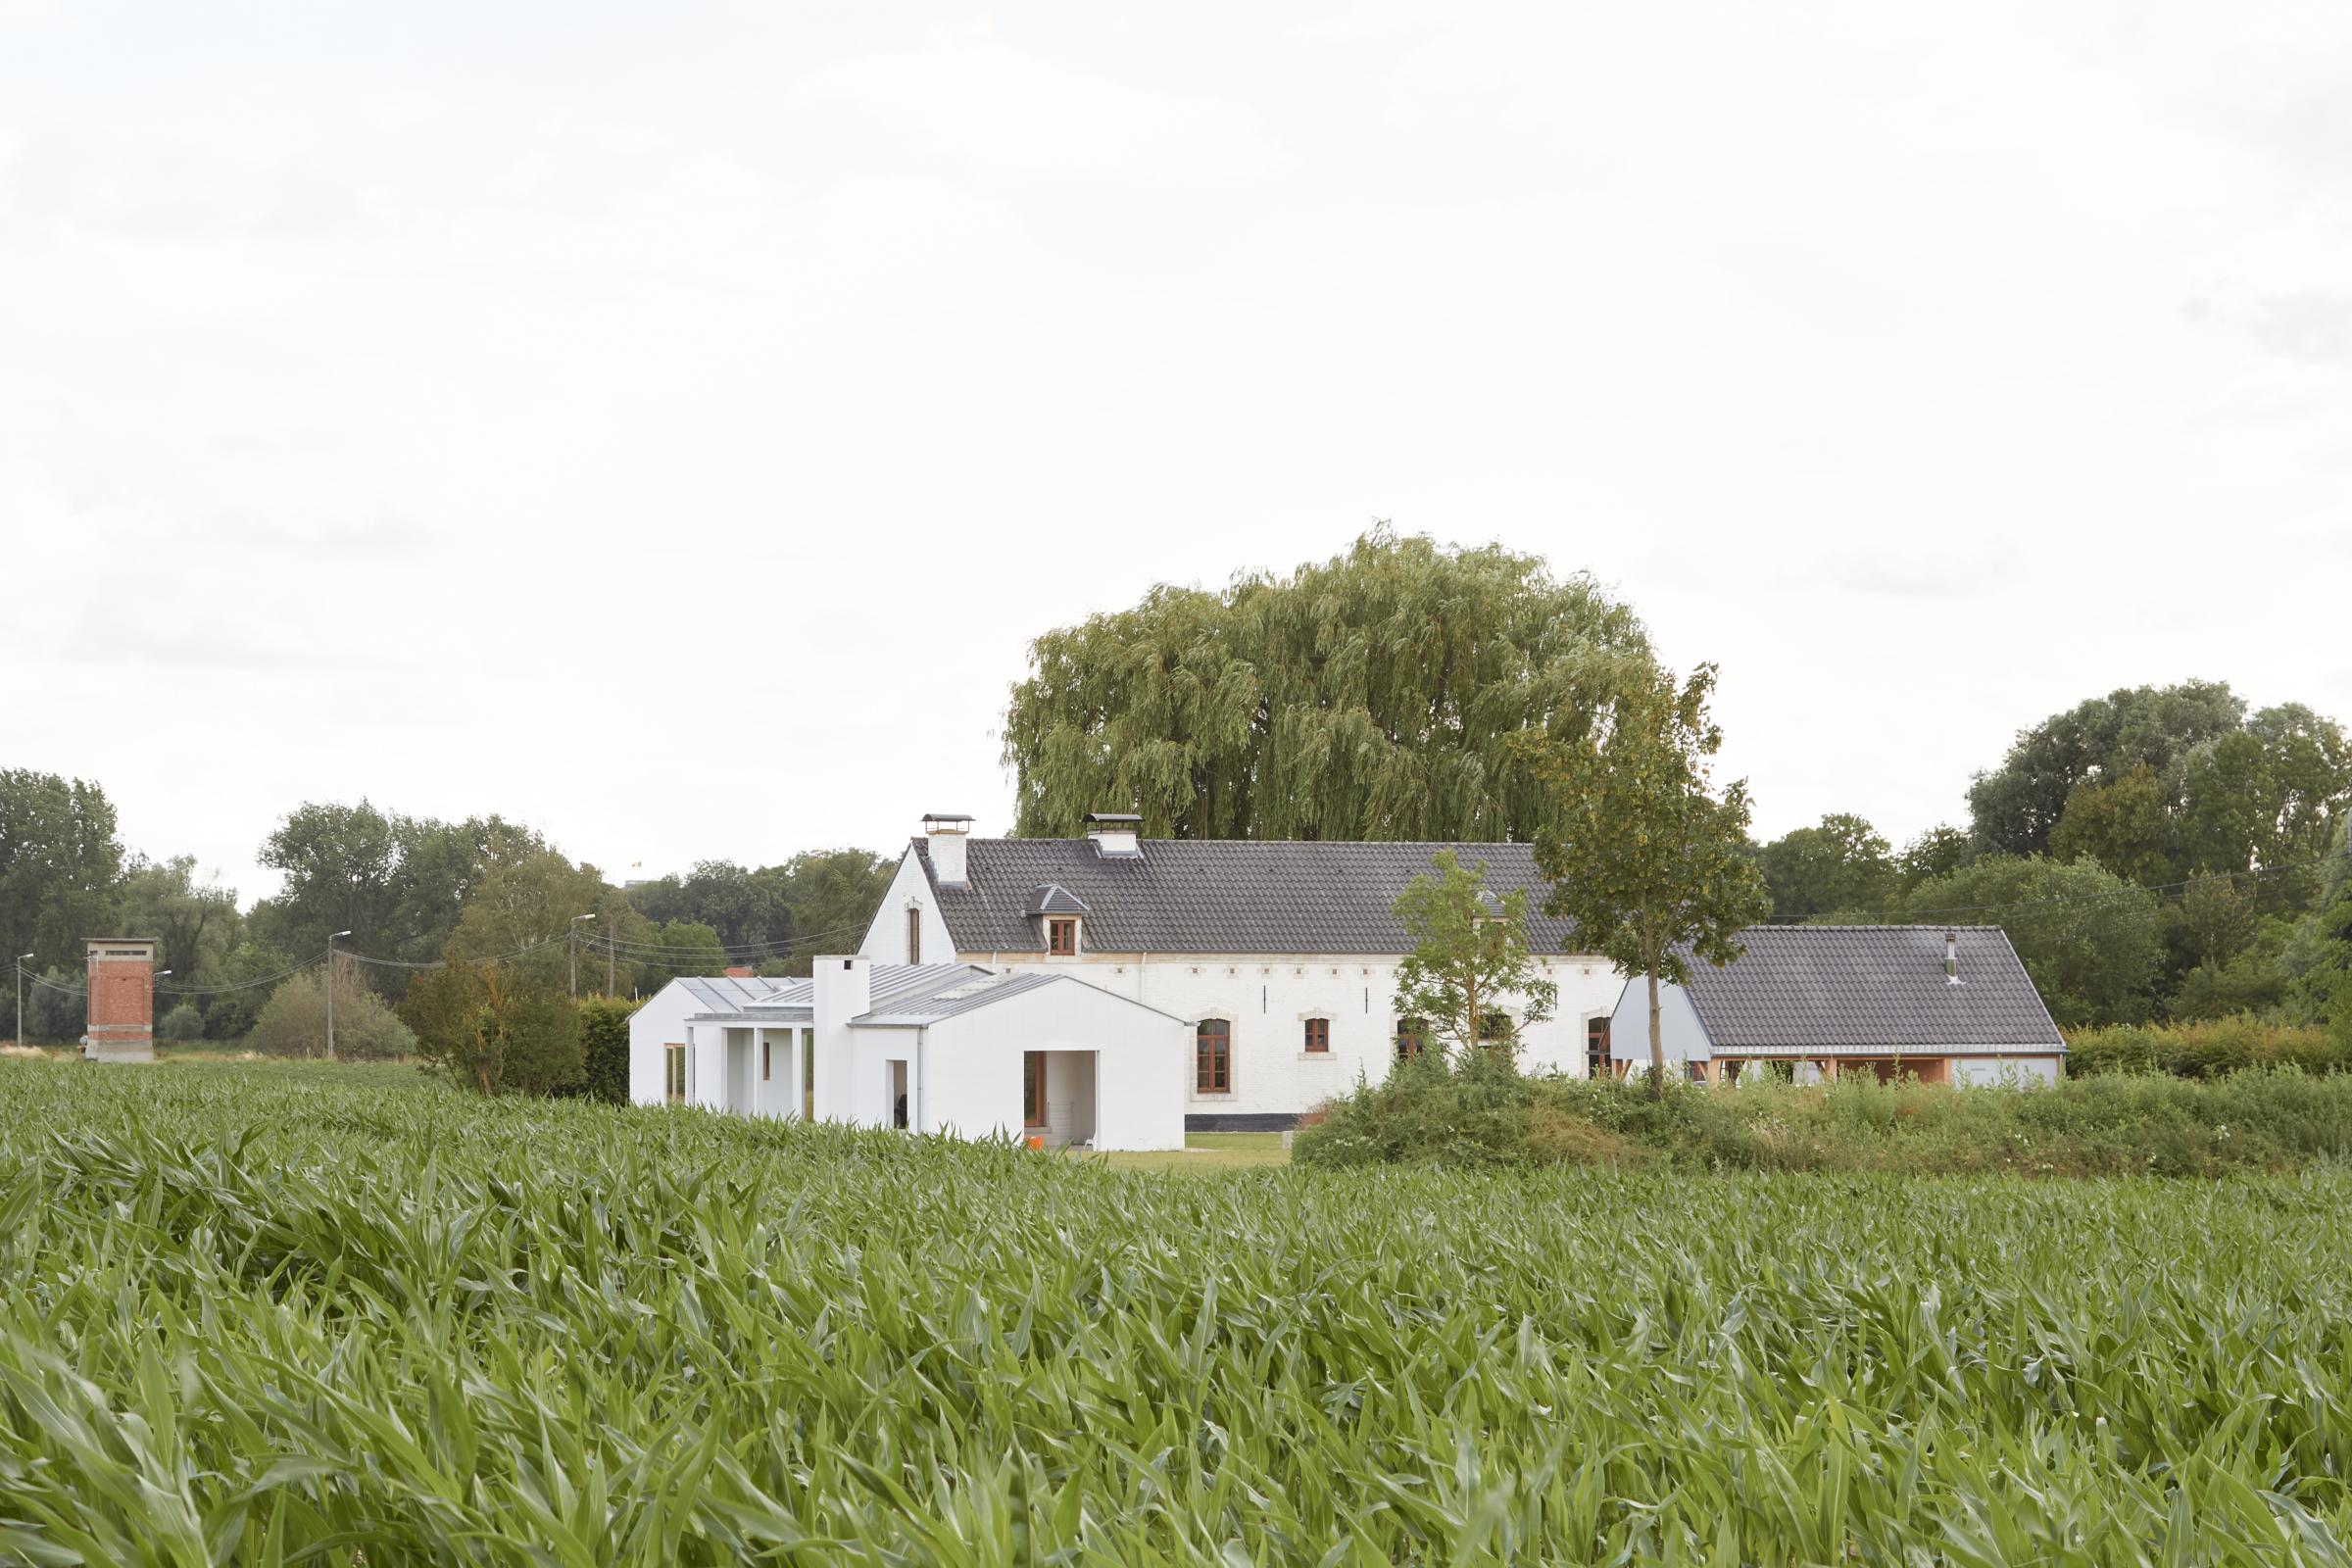 Kamer tegen kamer bouwen; een nieuw tafereel in de velden